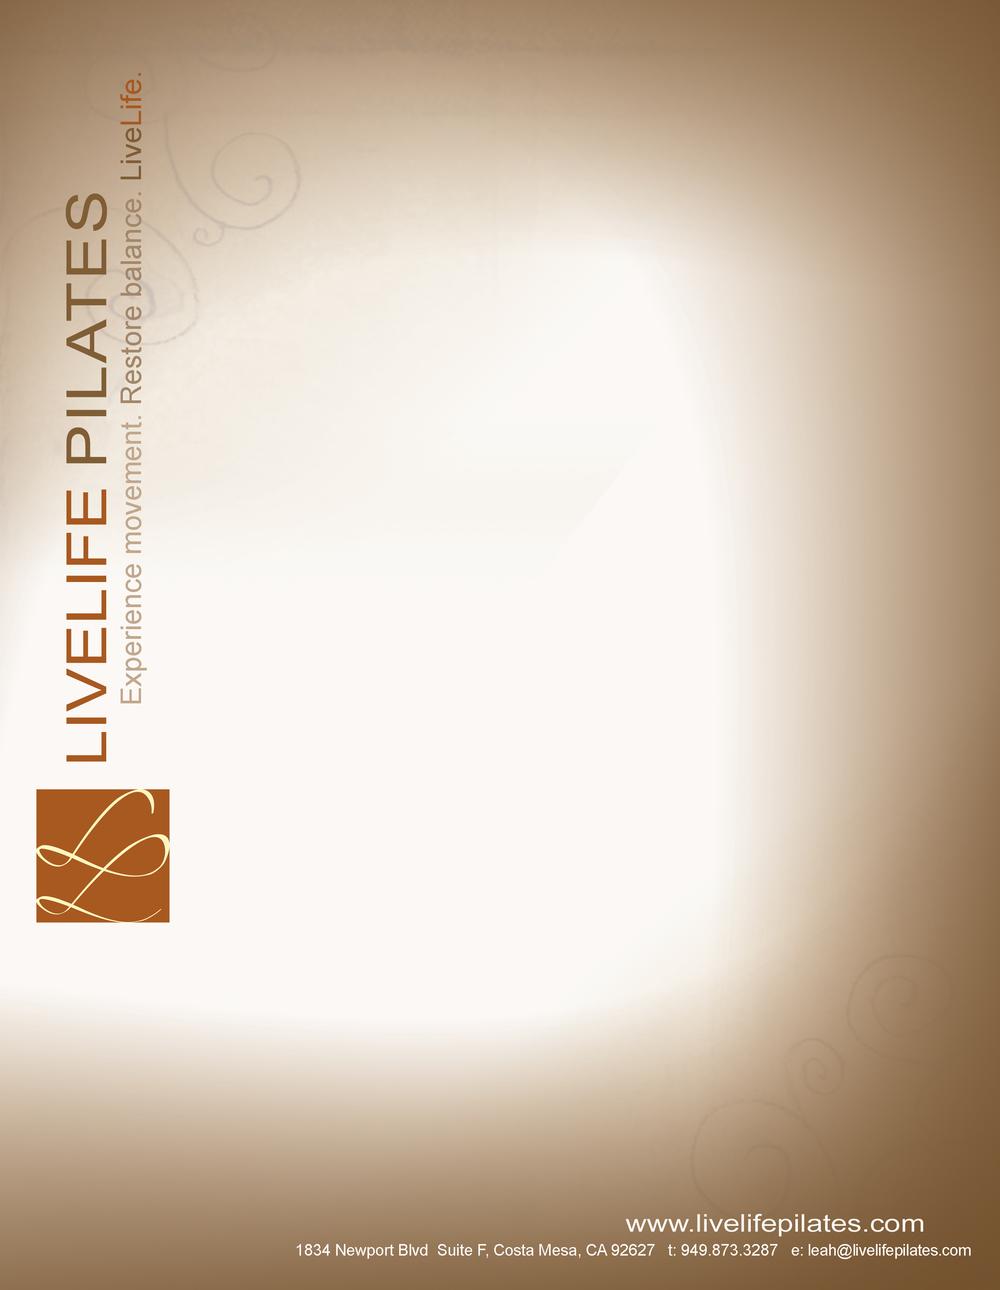 LiveLife Pilates Letterhead.jpg